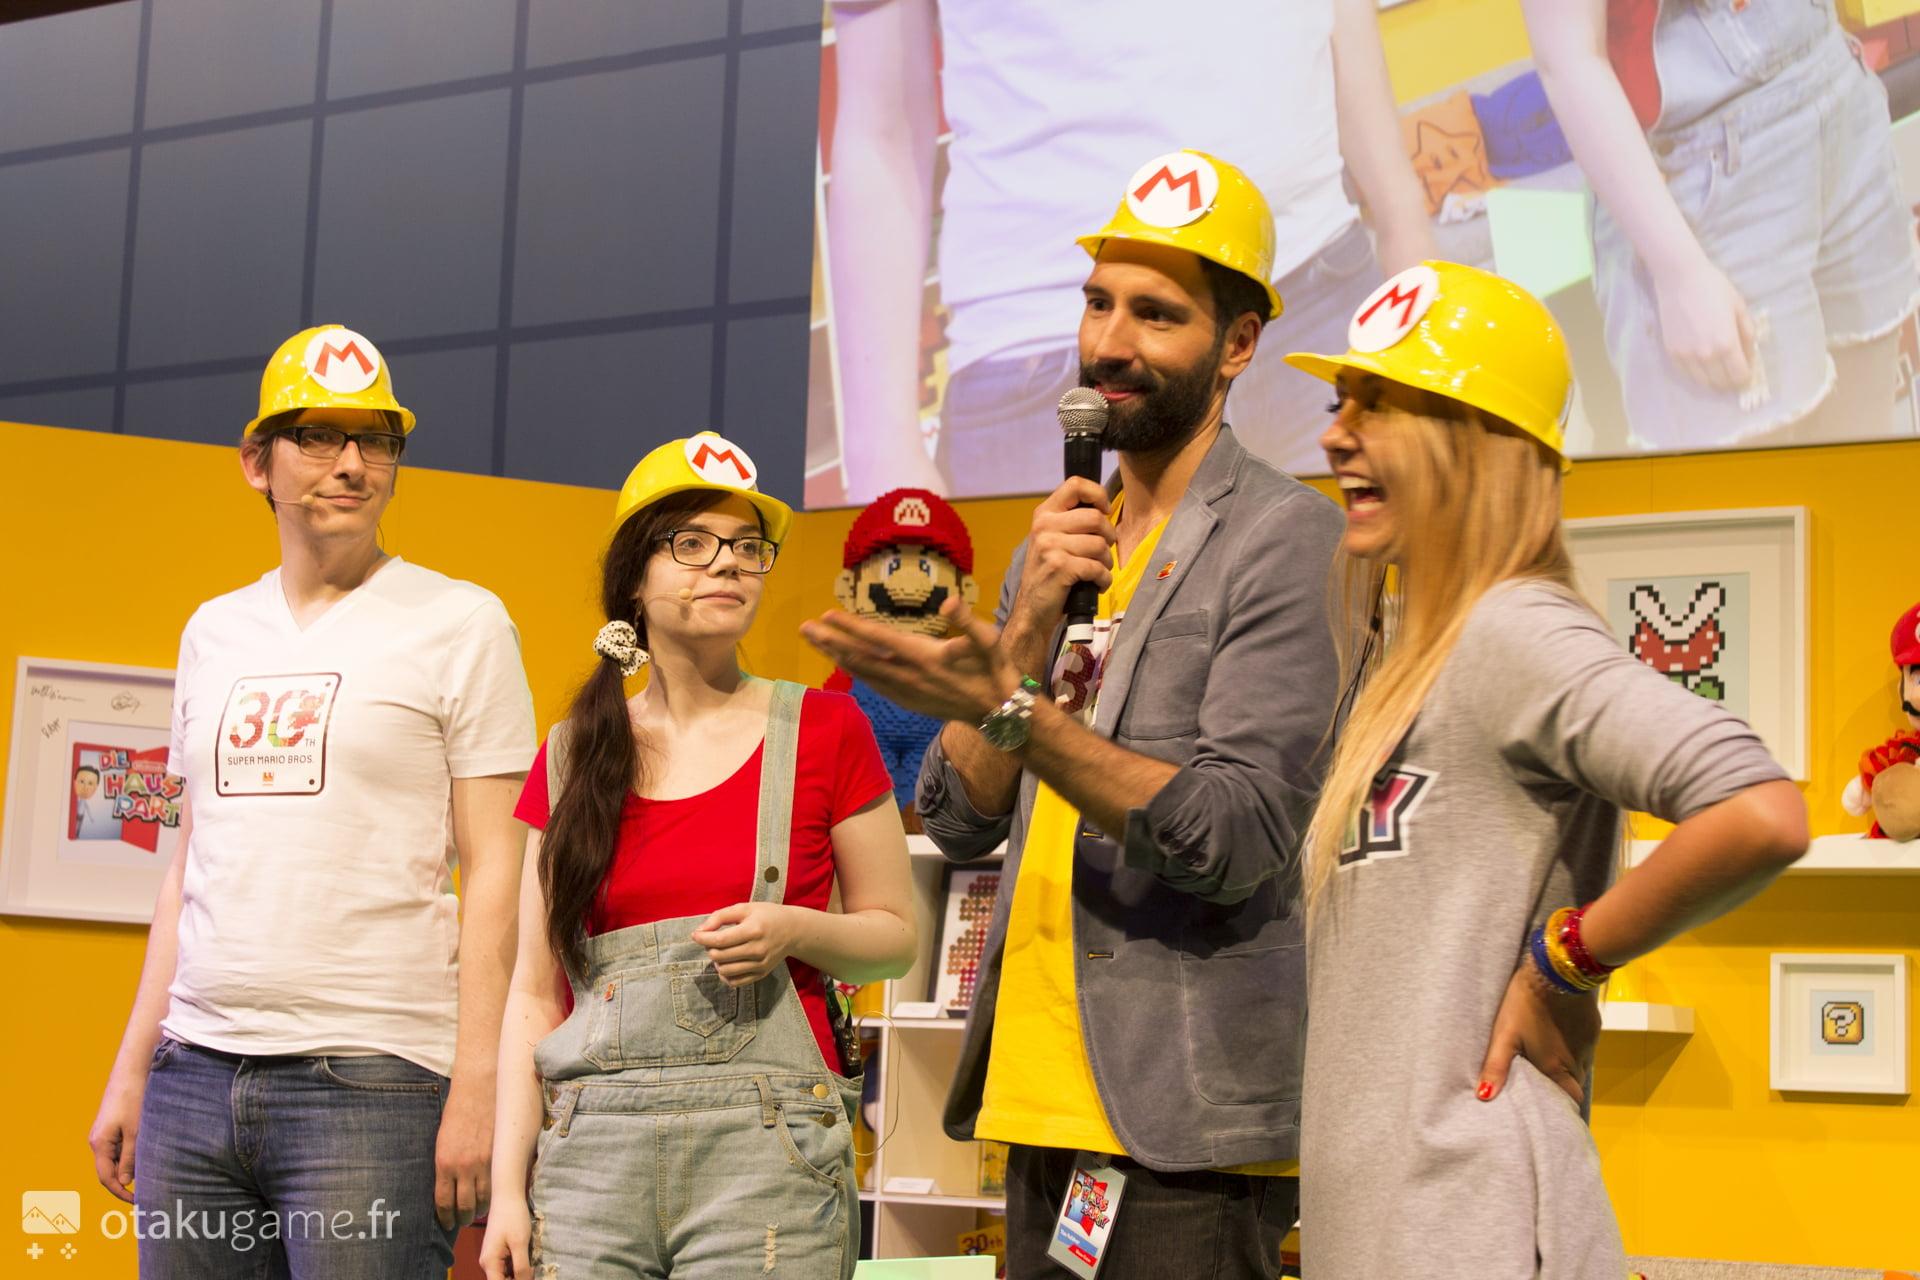 gamescom - photo #37